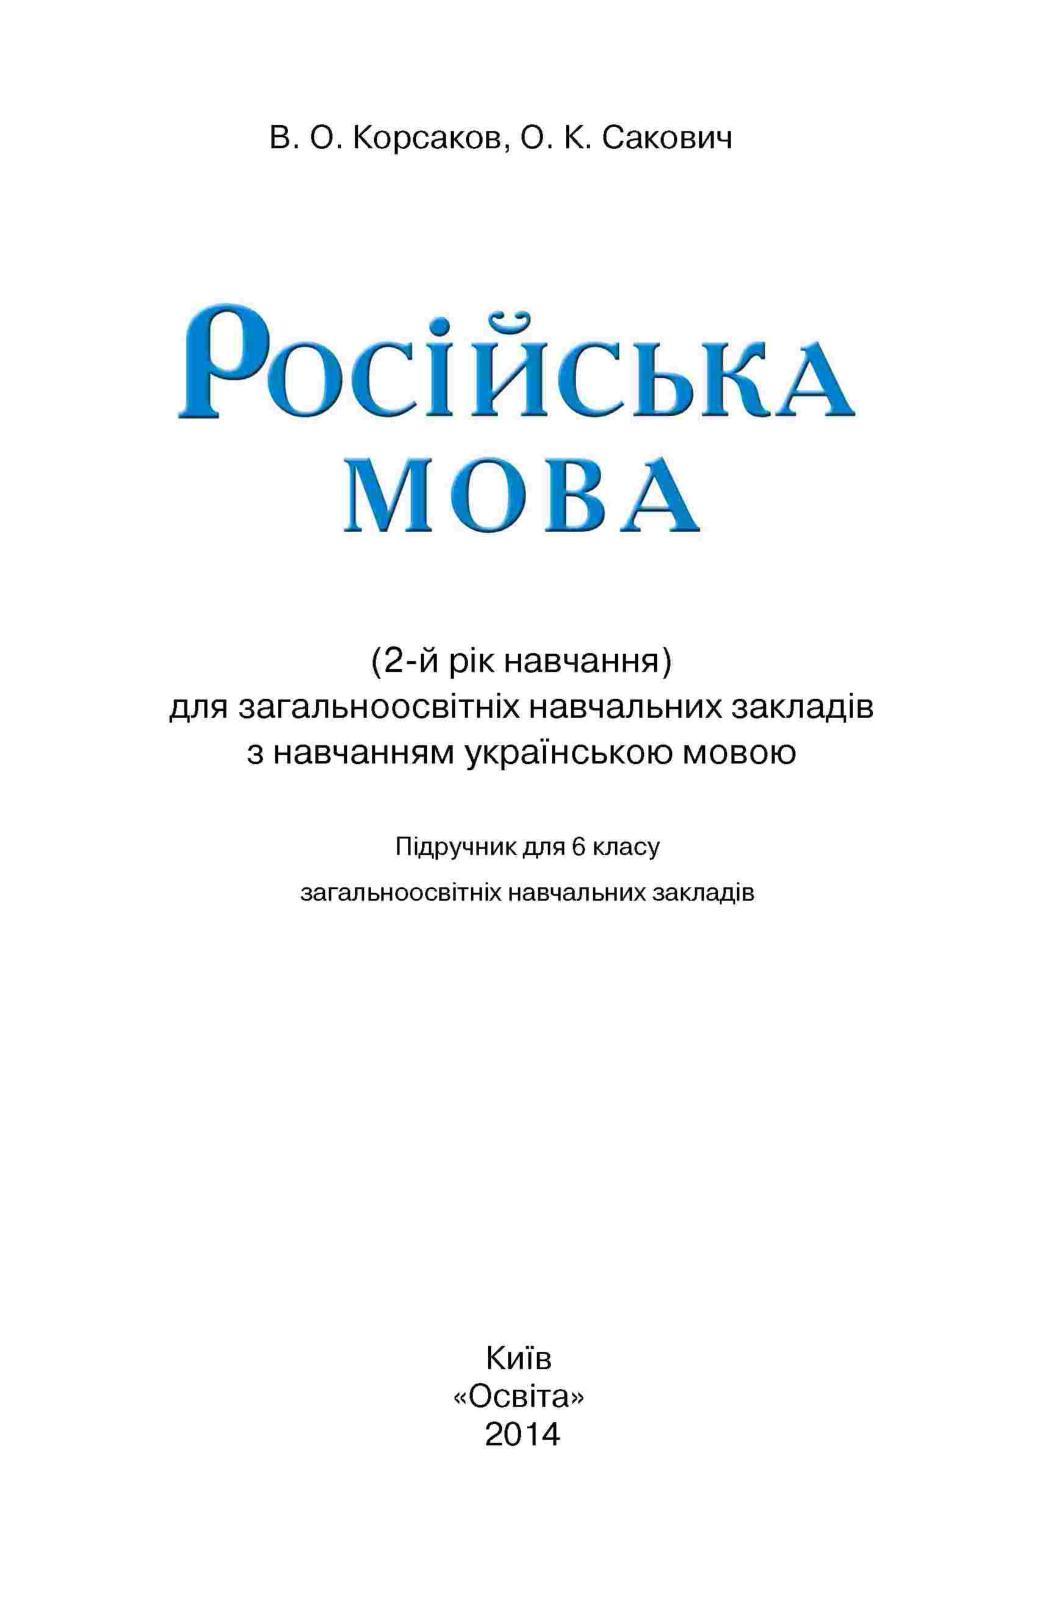 Как быстро заработать 3 млн рублей